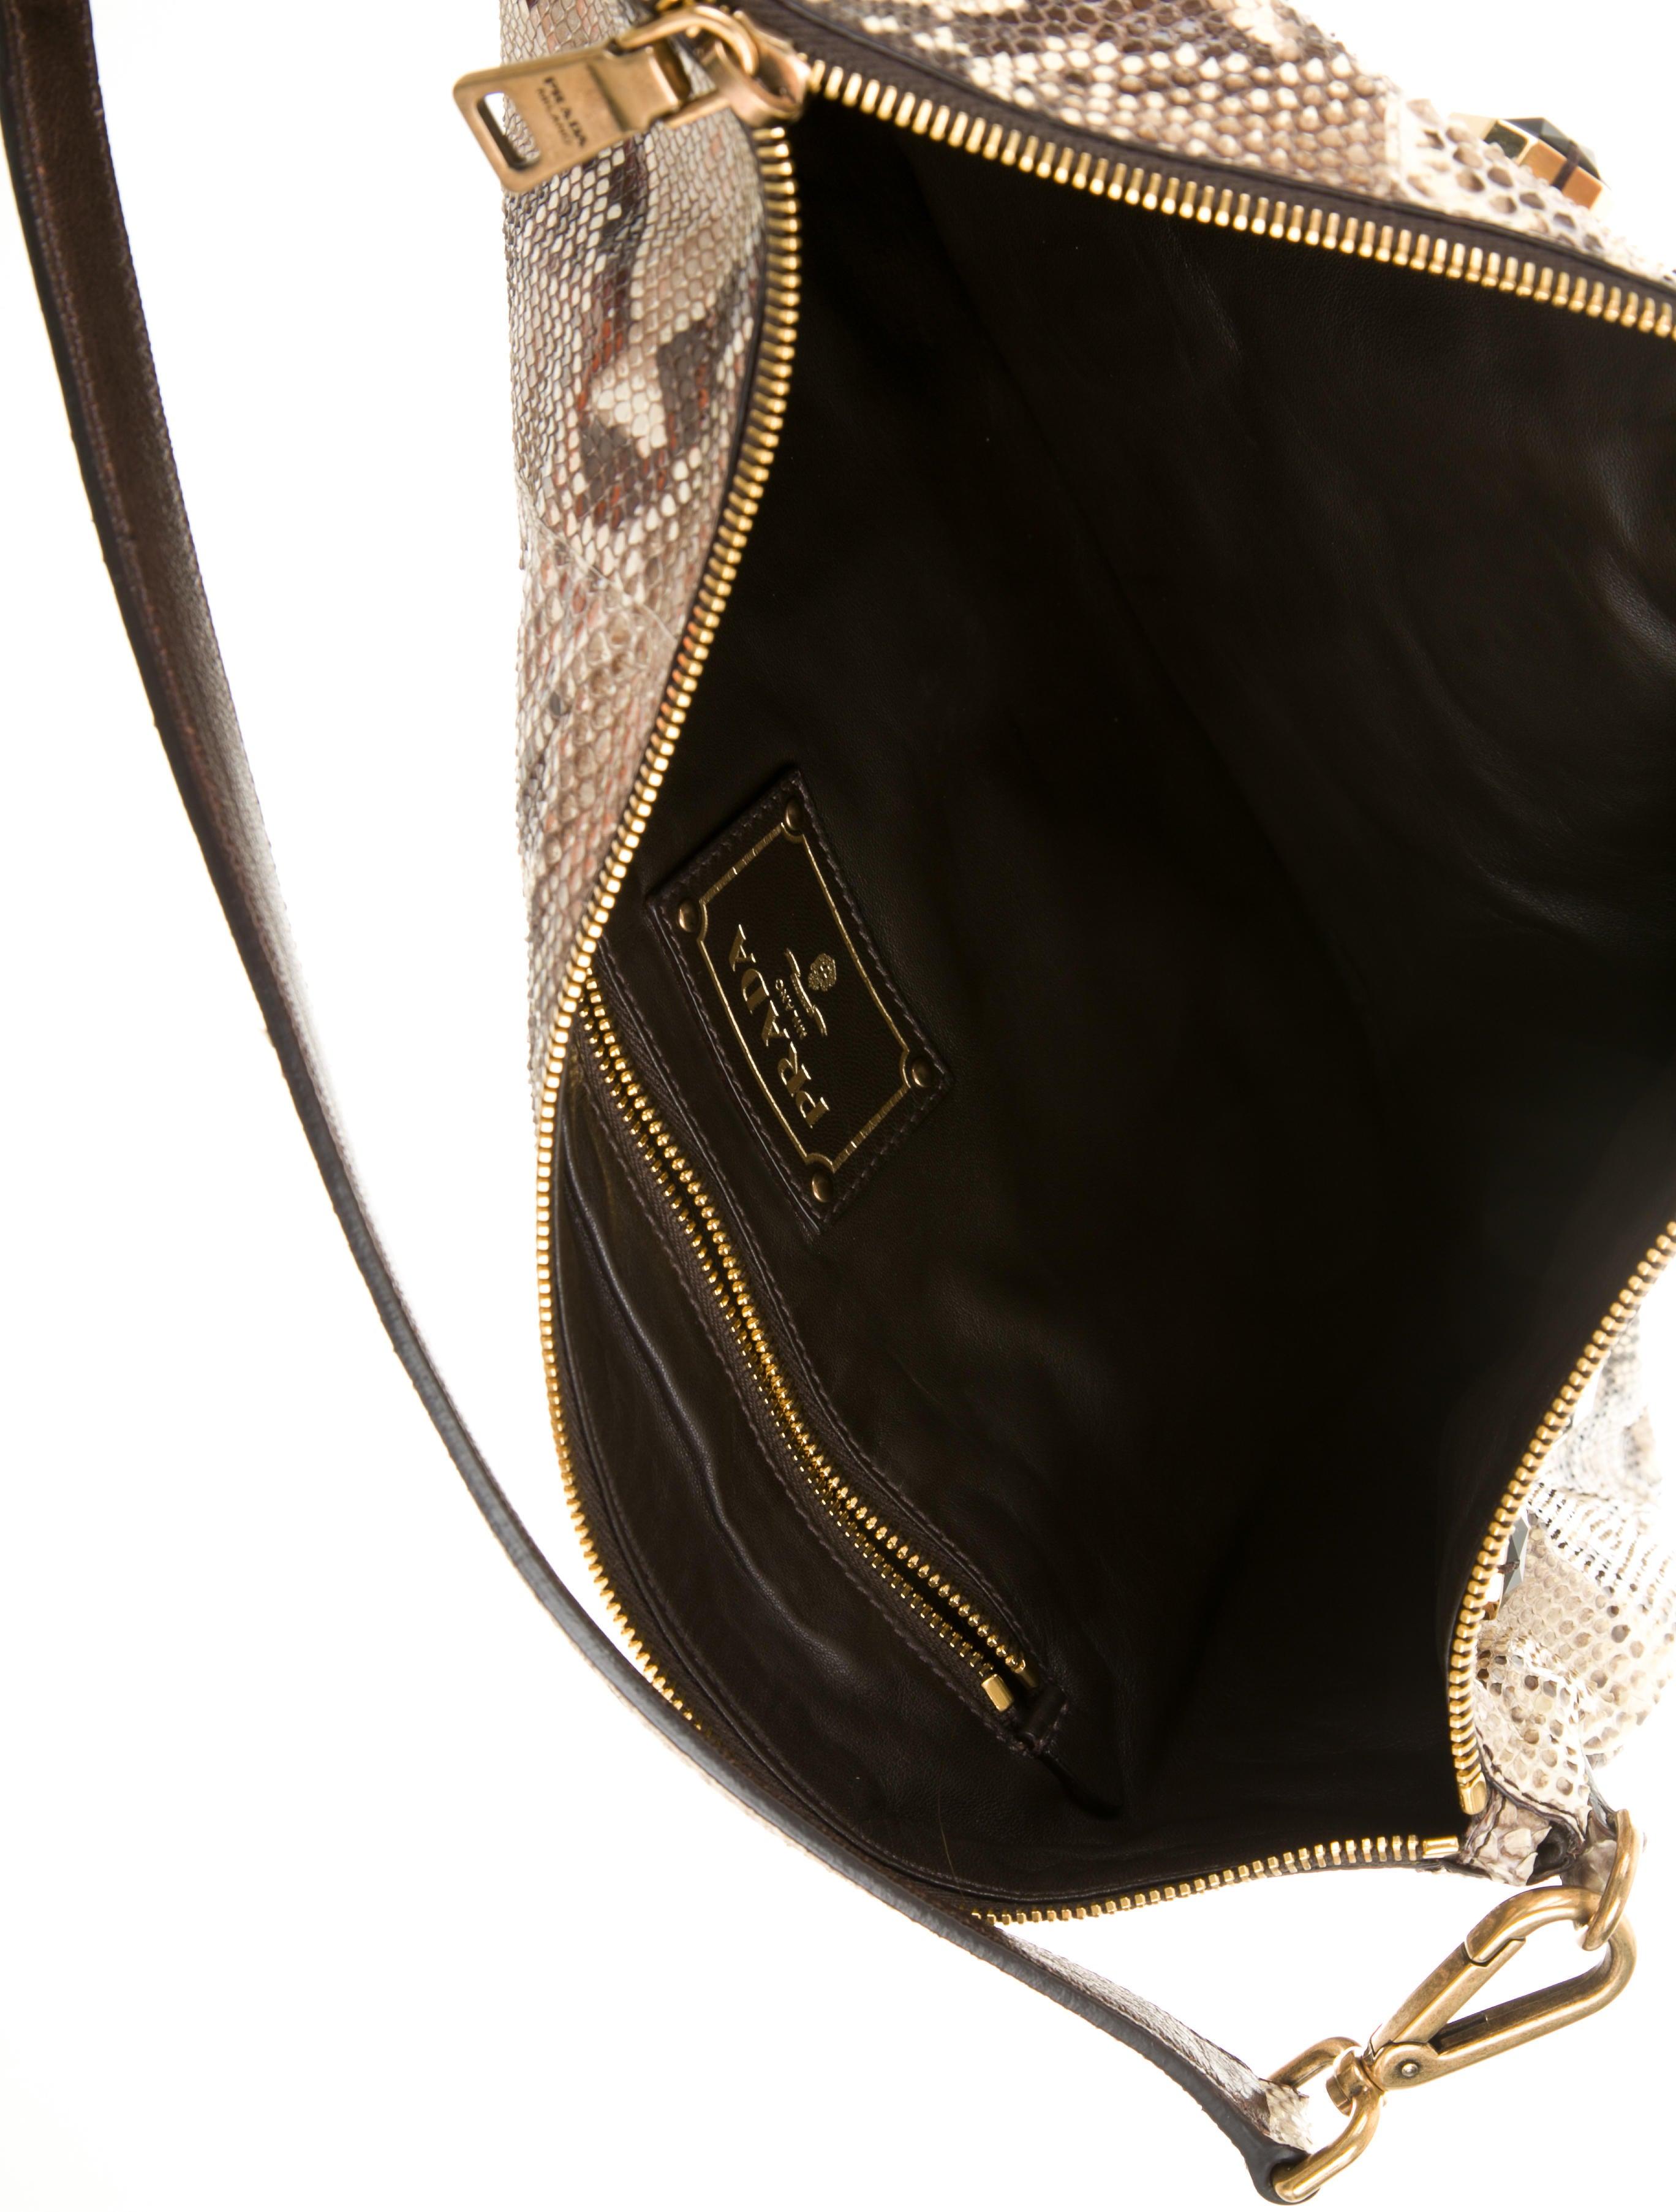 prada replica handbags - Prada Python Pietre Shoulder Bag - Handbags - PRA73621 | The RealReal